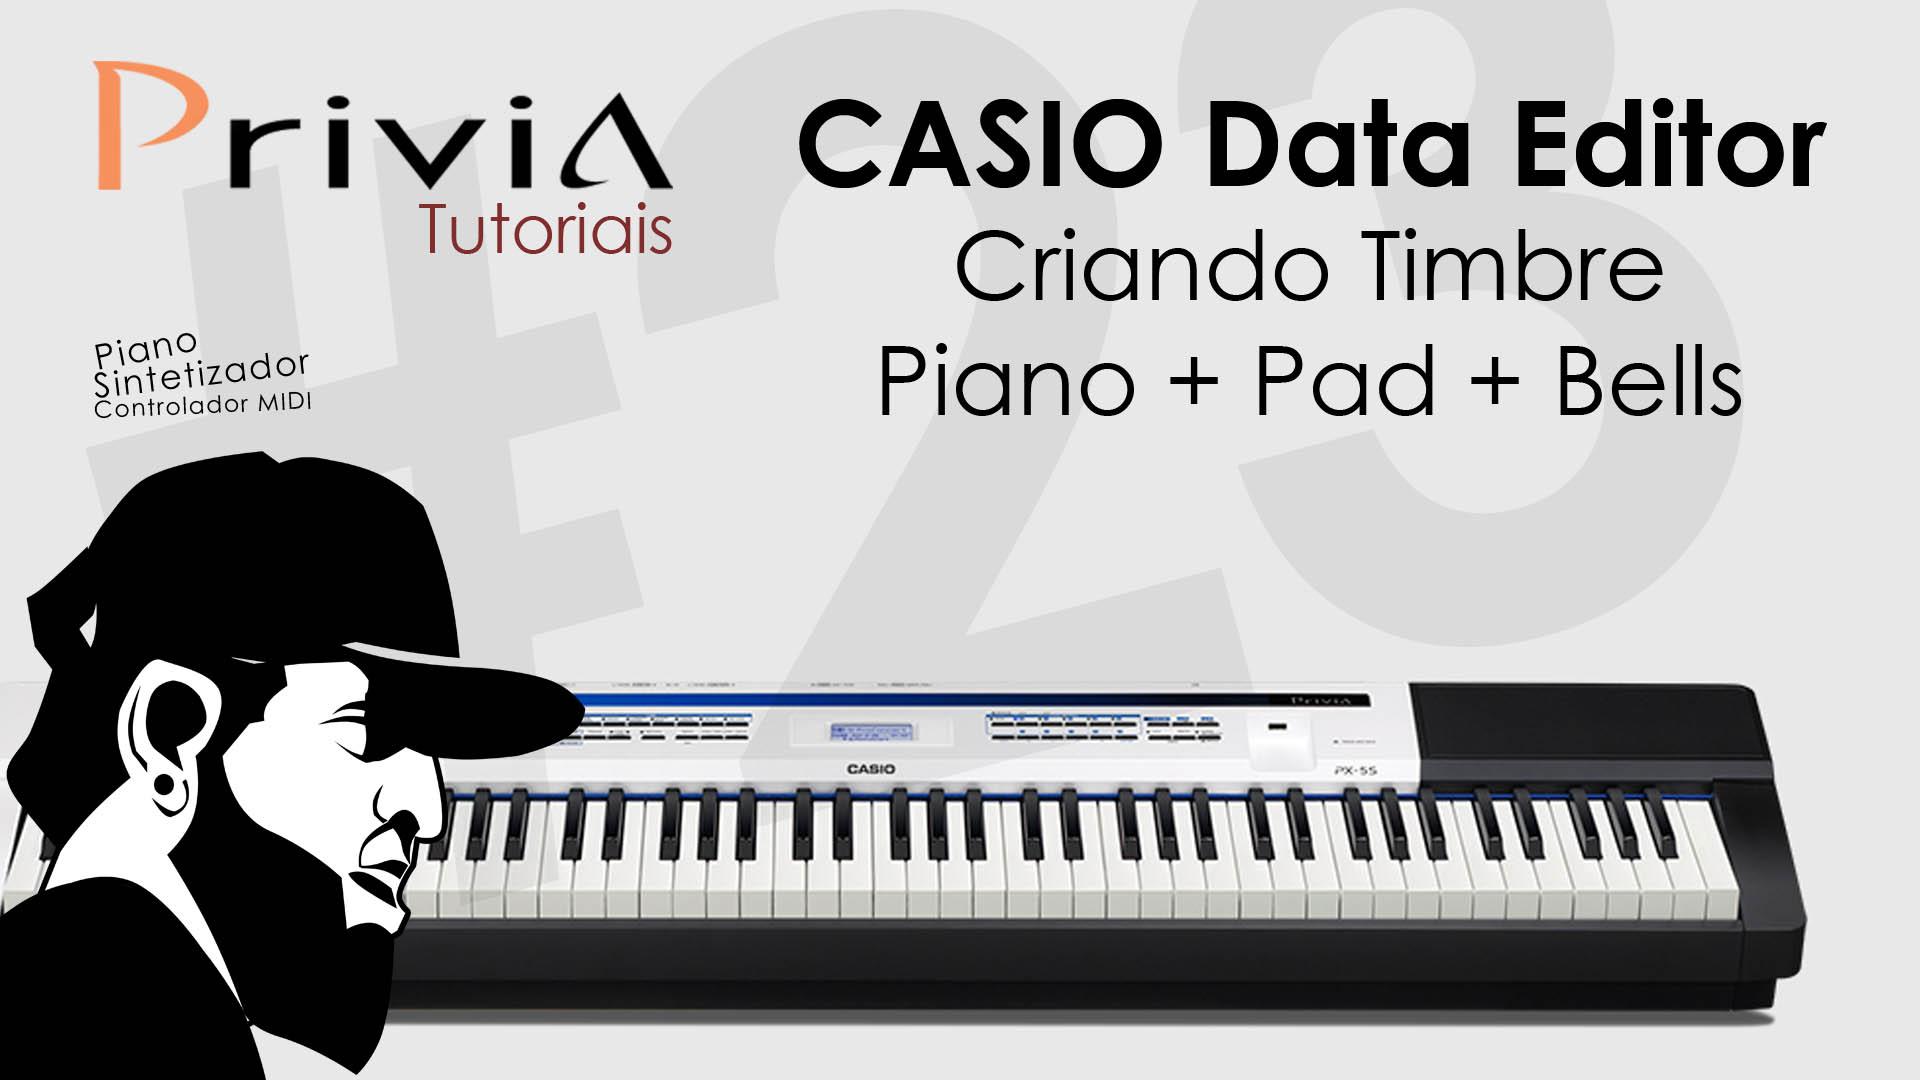 Criando Timbre – Piano, Pad e Bells (Data Editor)